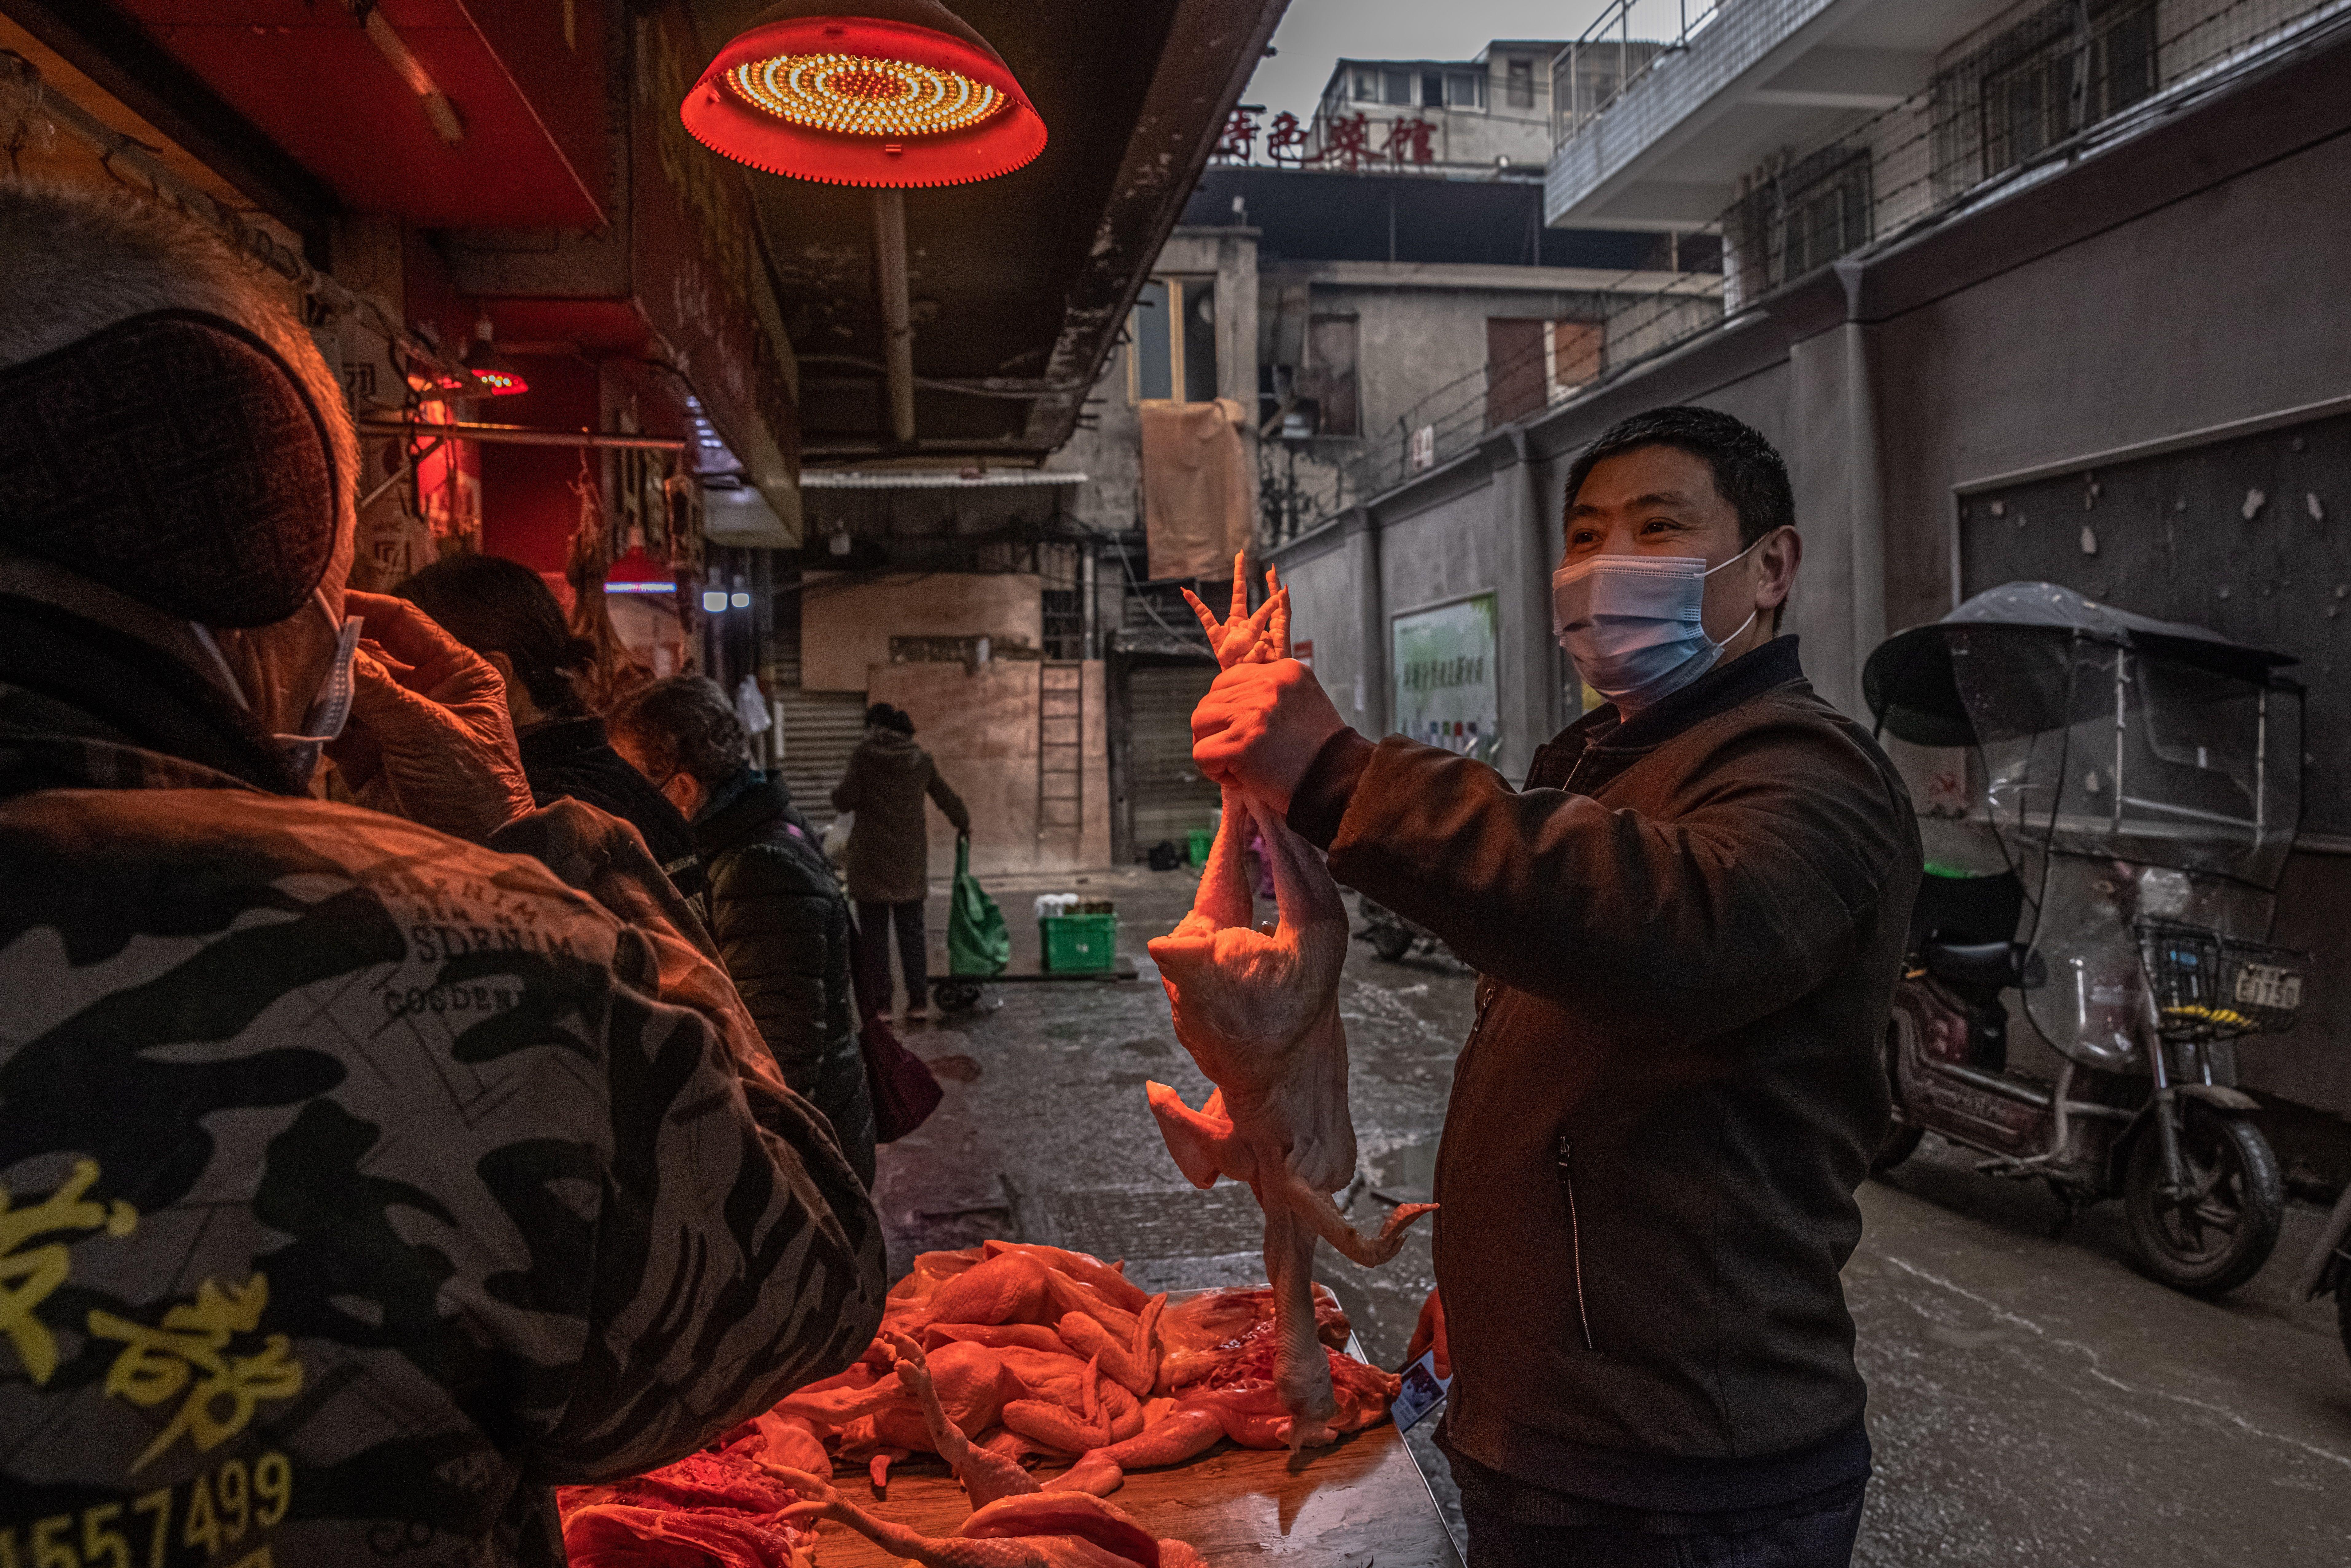 Los primeros casos registrados tenían un lugar que frecuentaban en común: el mercado de mariscos en Wuhan, provincia de Hubei, China (EFE/EPA/ROMAN PILIPEY/Archivo)